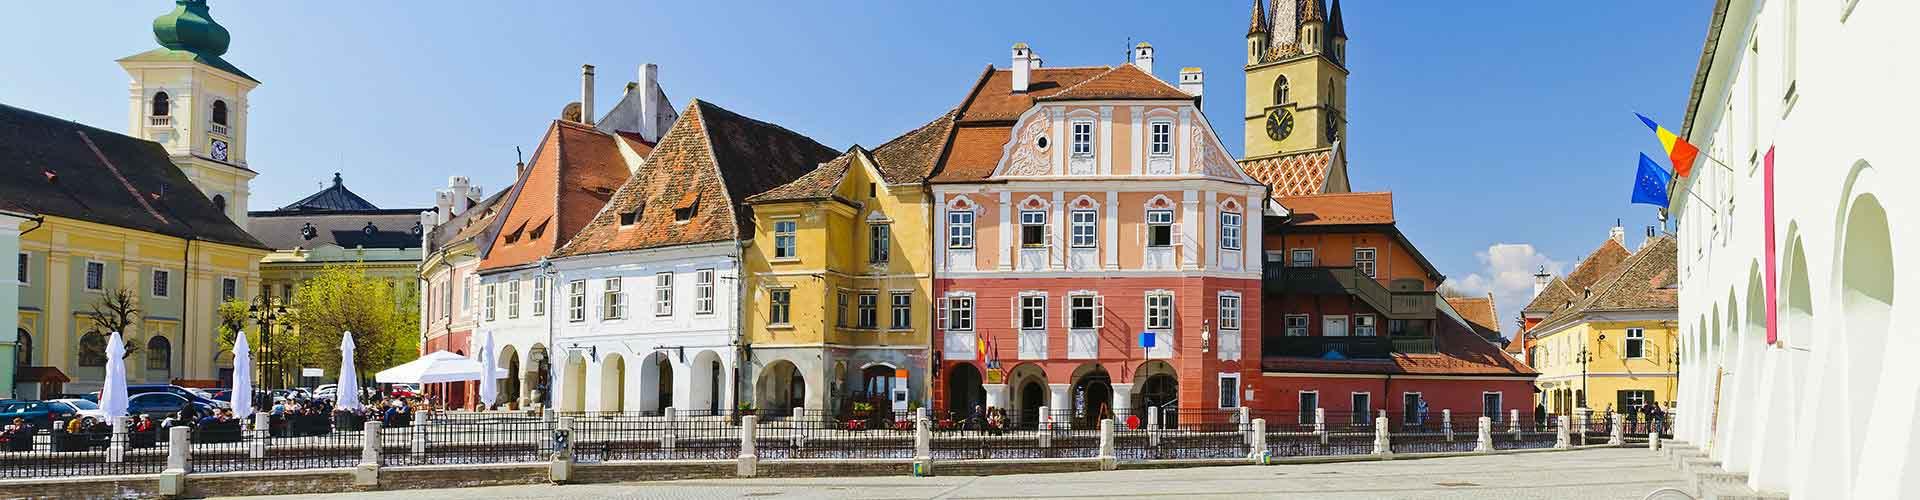 Sibiu - Habitaciones en Sibiu. Mapas de Sibiu, Fotos y comentarios de cada Habitación en Sibiu.